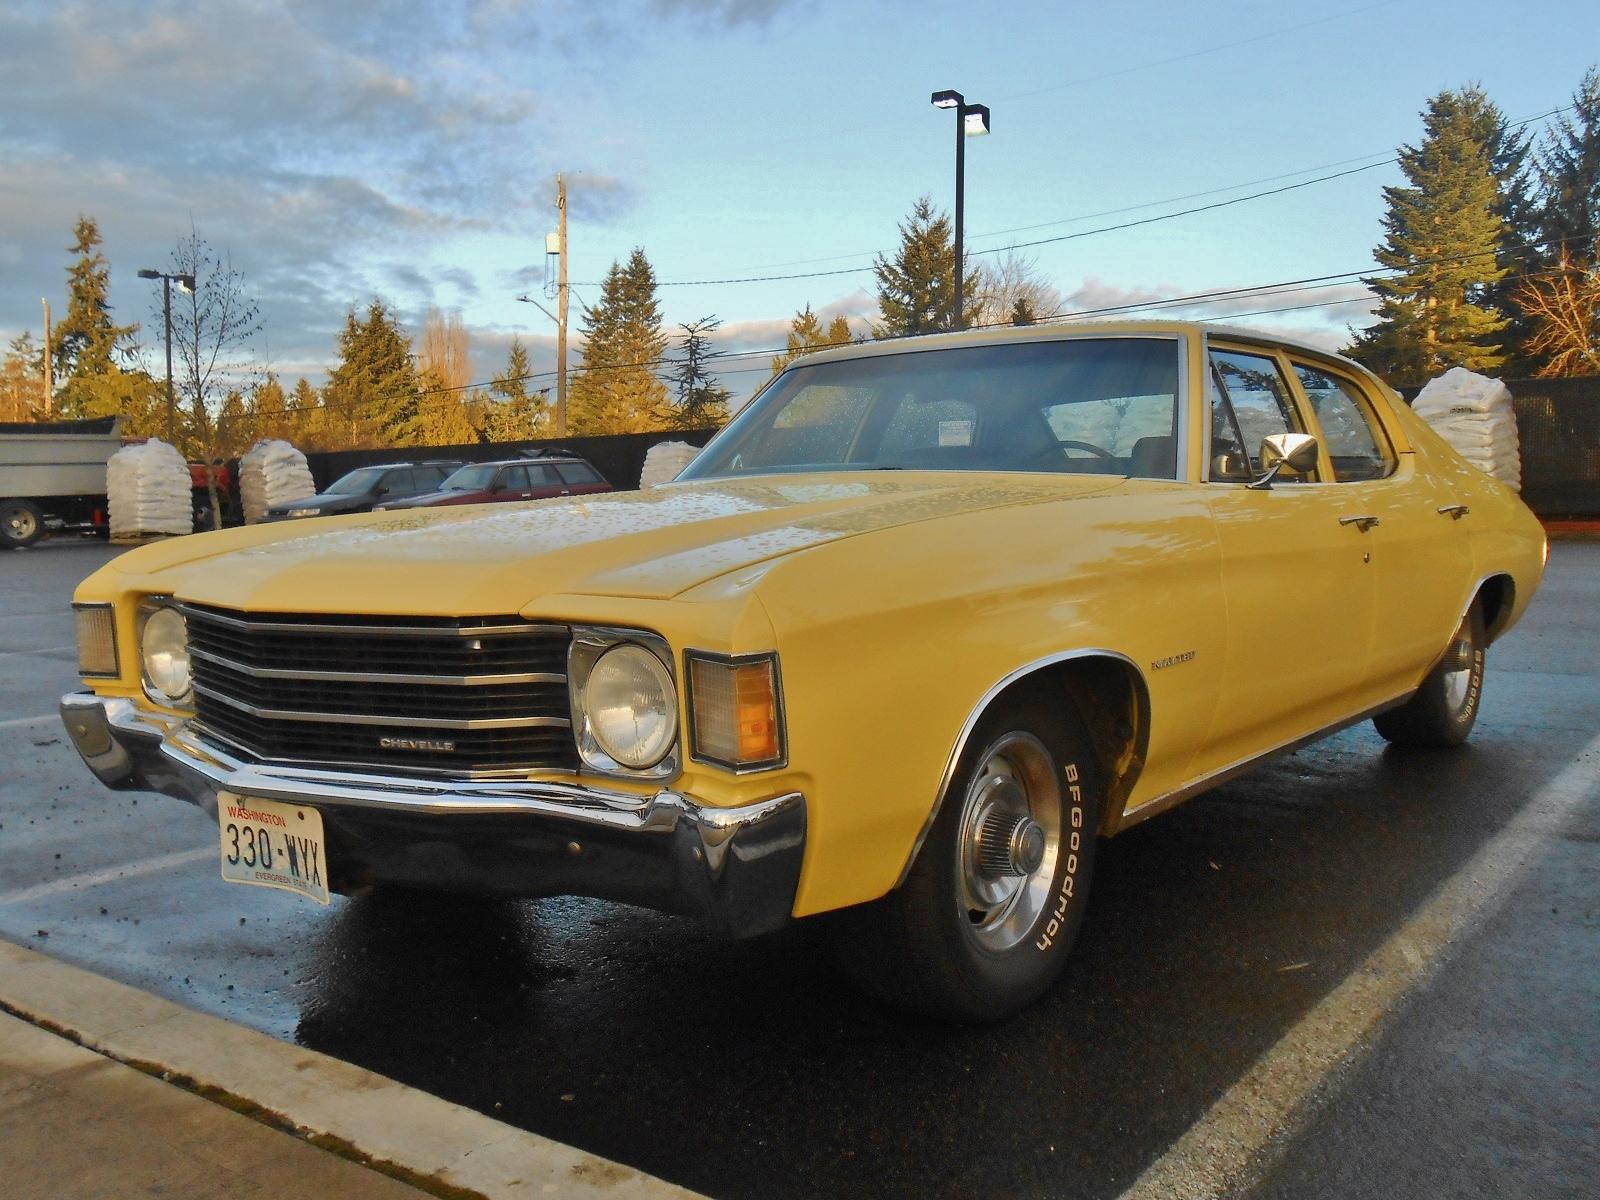 Seattle's Parked Cars: 1972 Chevrolet Chevelle Sedan